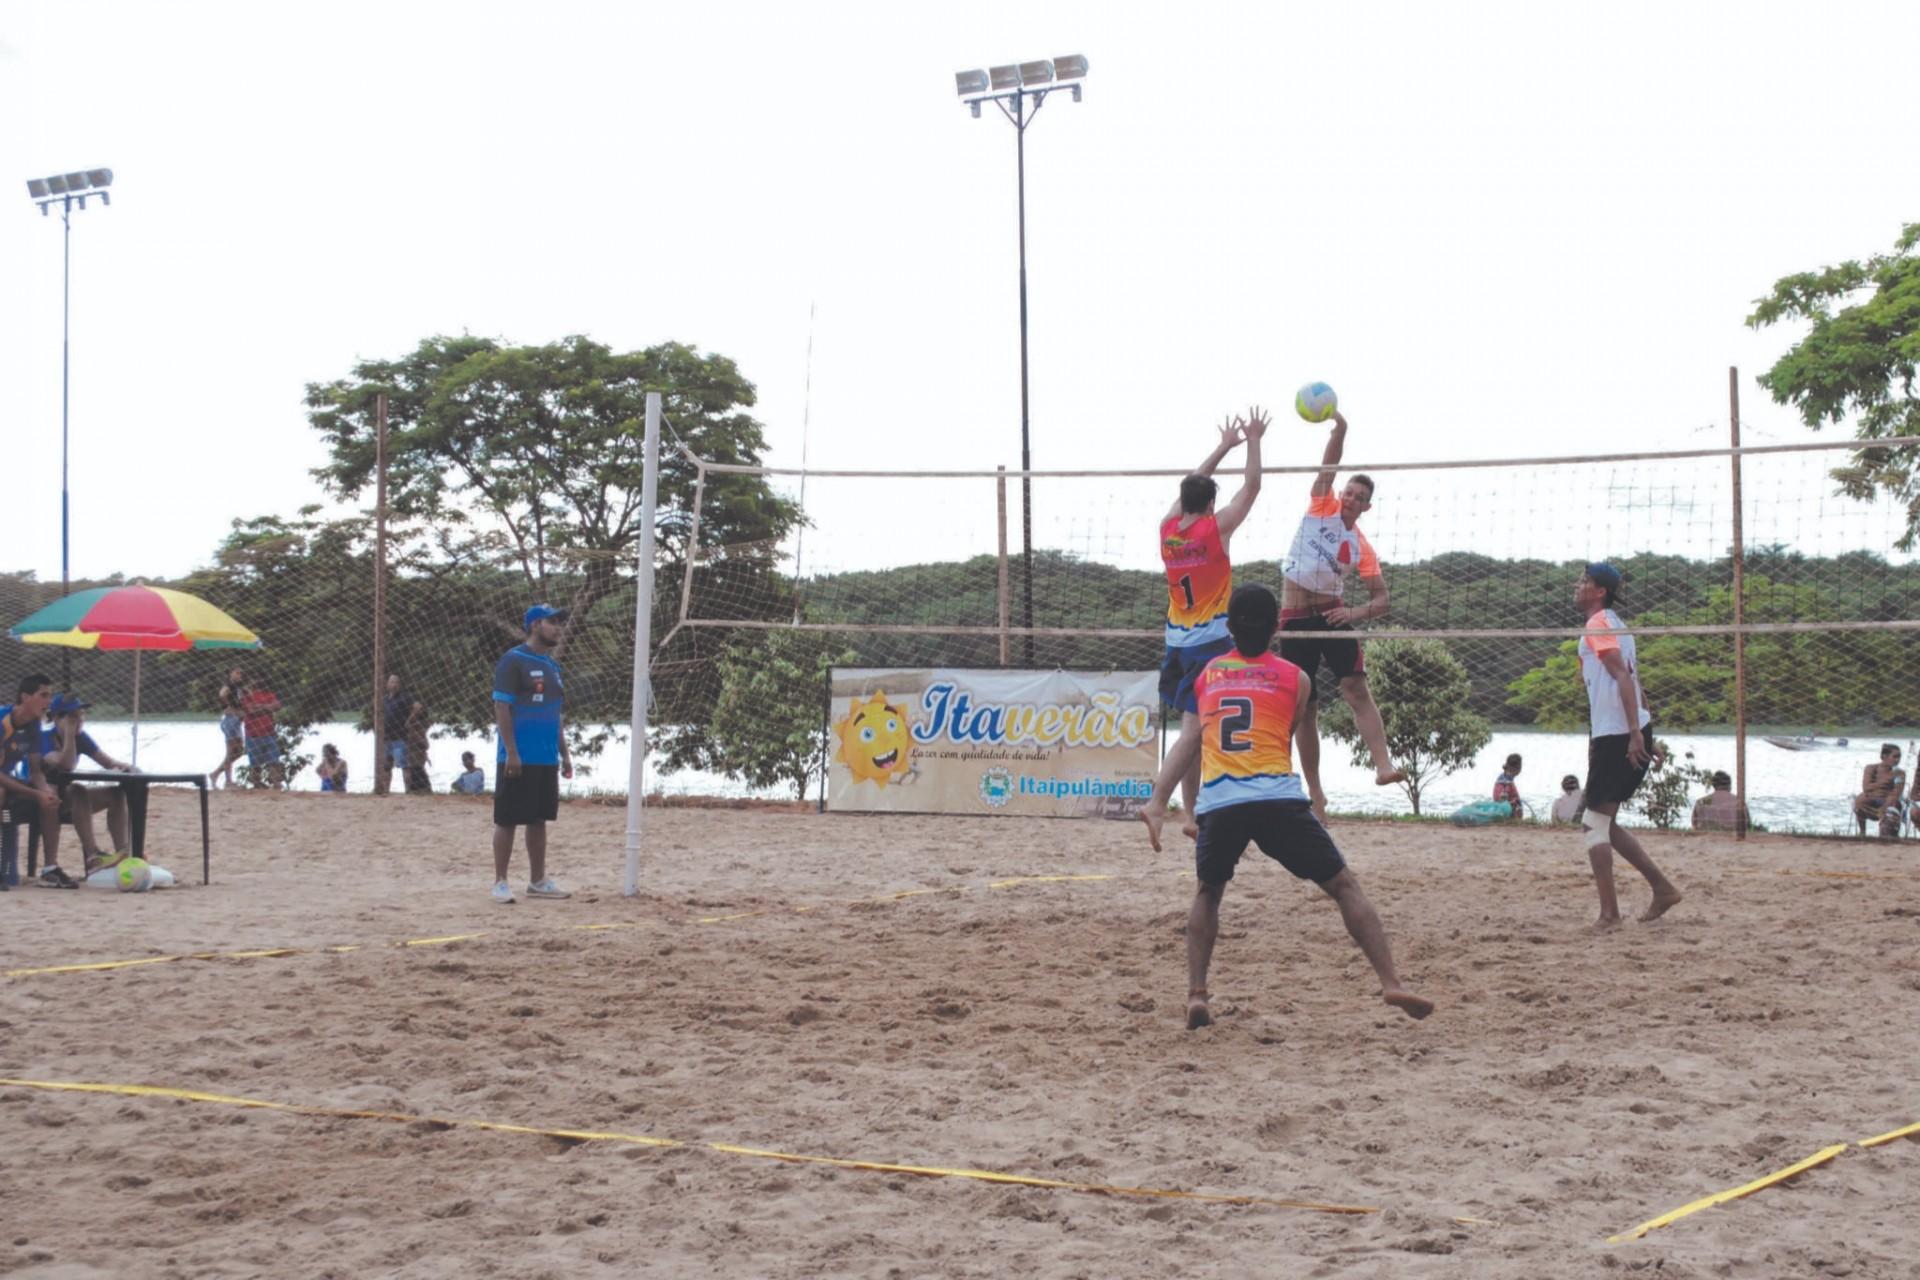 Vôlei de praia regional vai agitar a praia de Itaipulândia neste final de semana